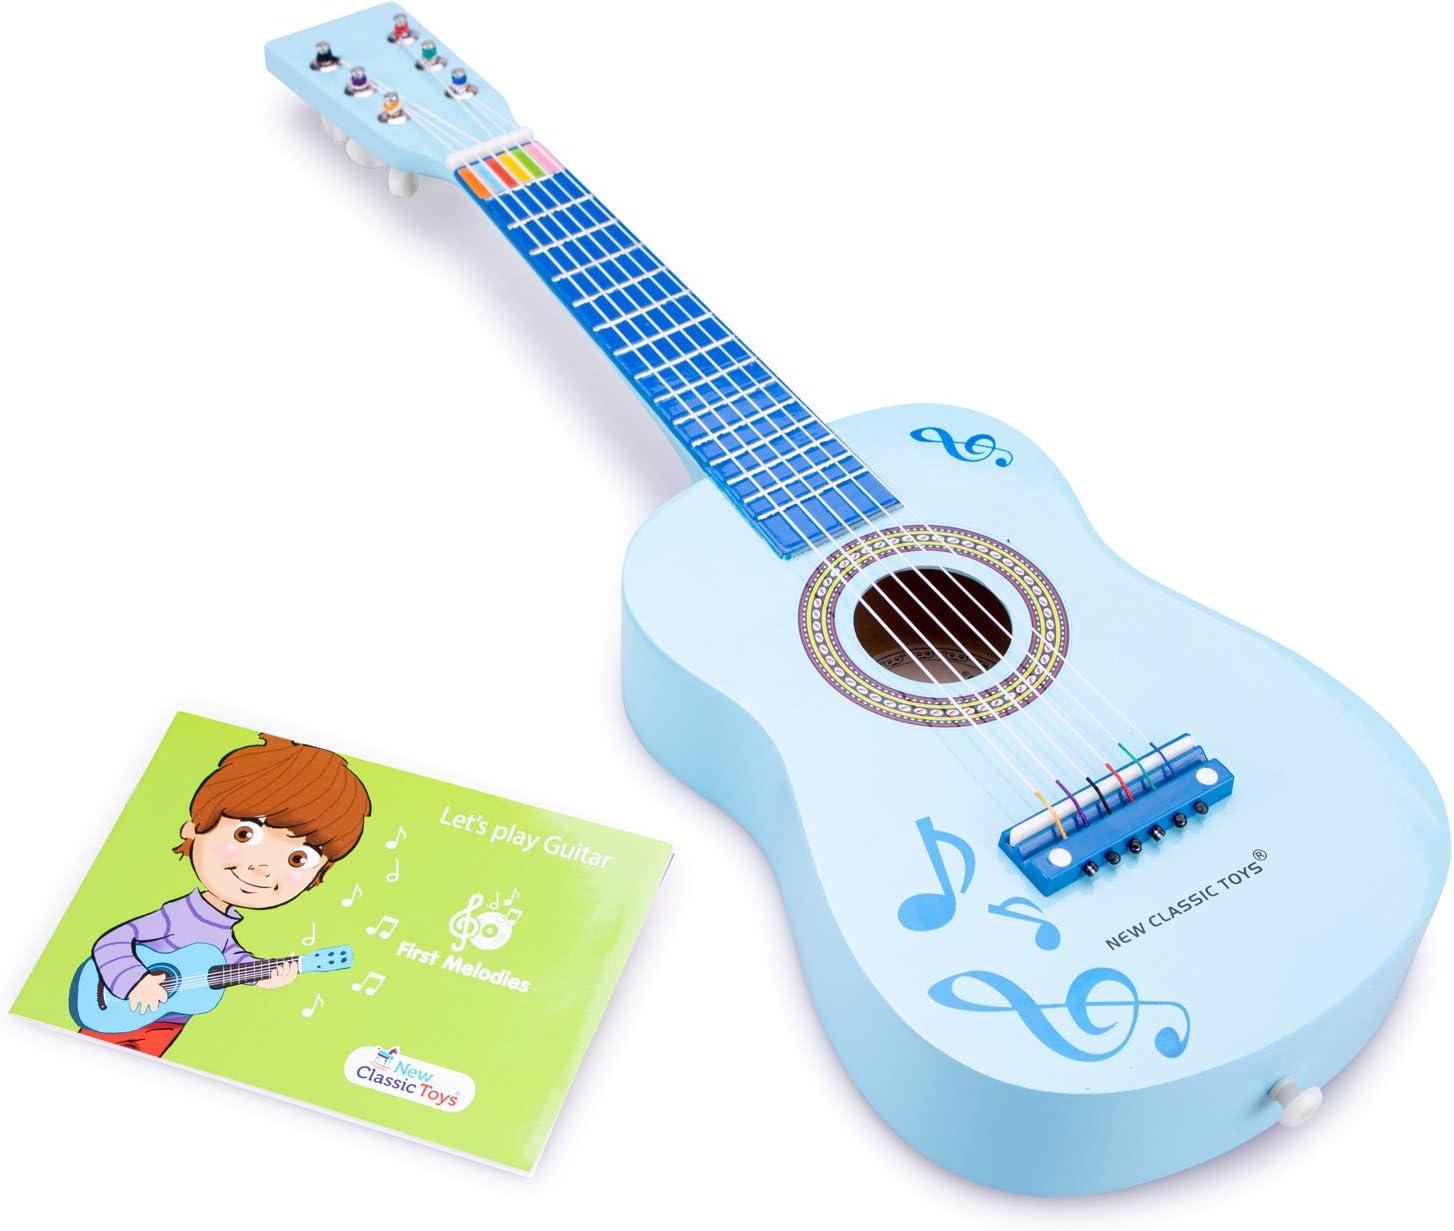 Eitech - Instrumento Musical para niños NCT-0349 (Importado)